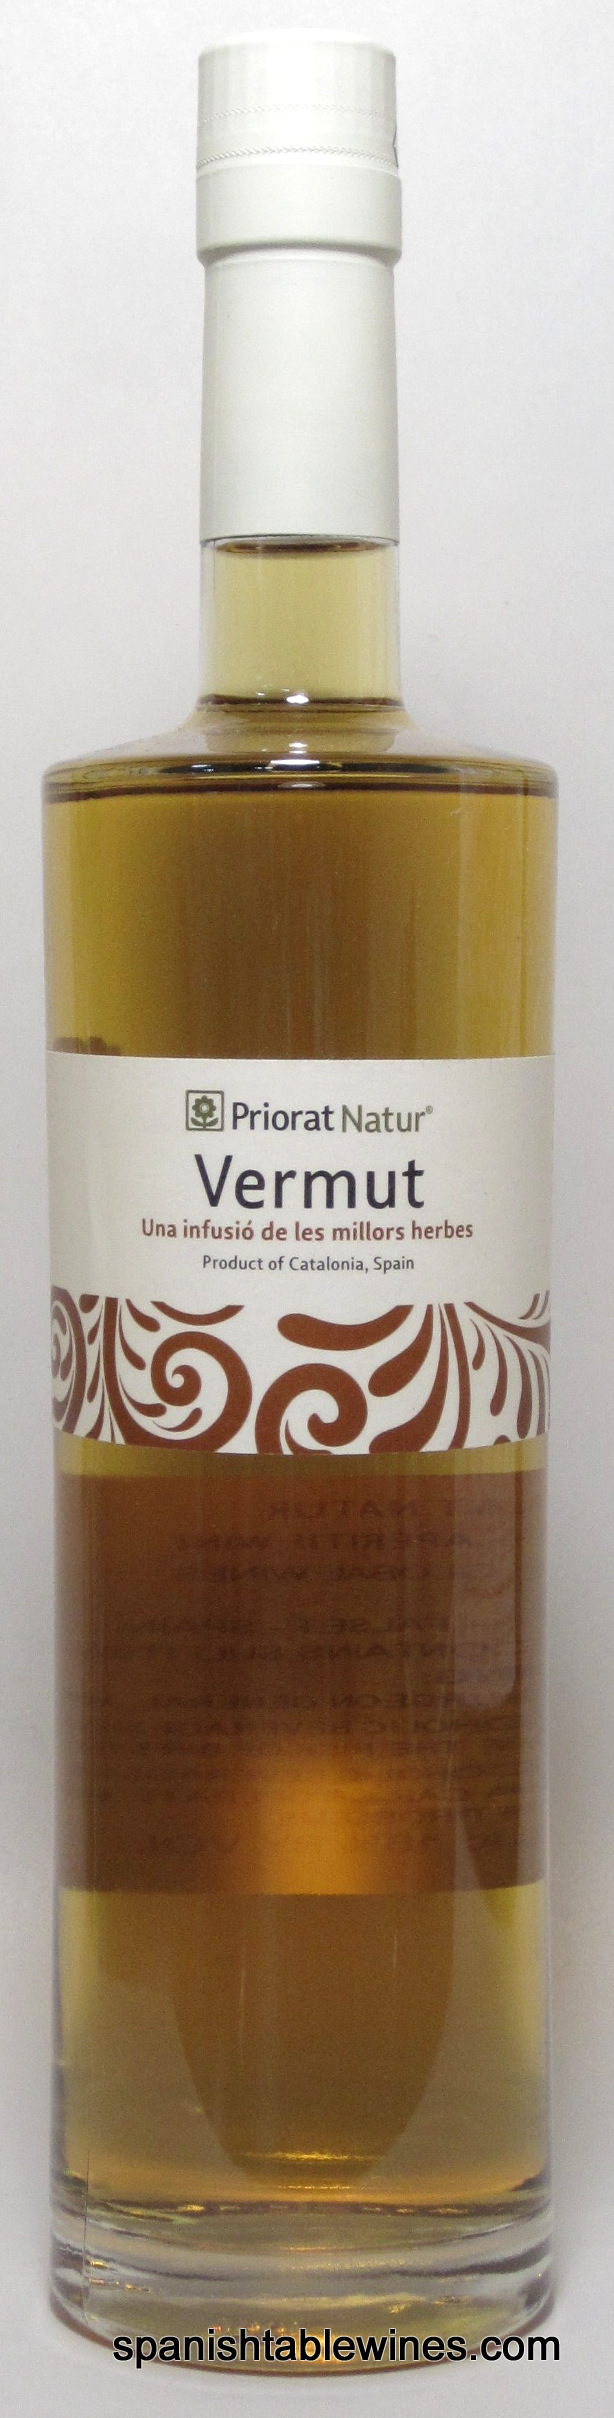 Priorat Natur Vermut Review